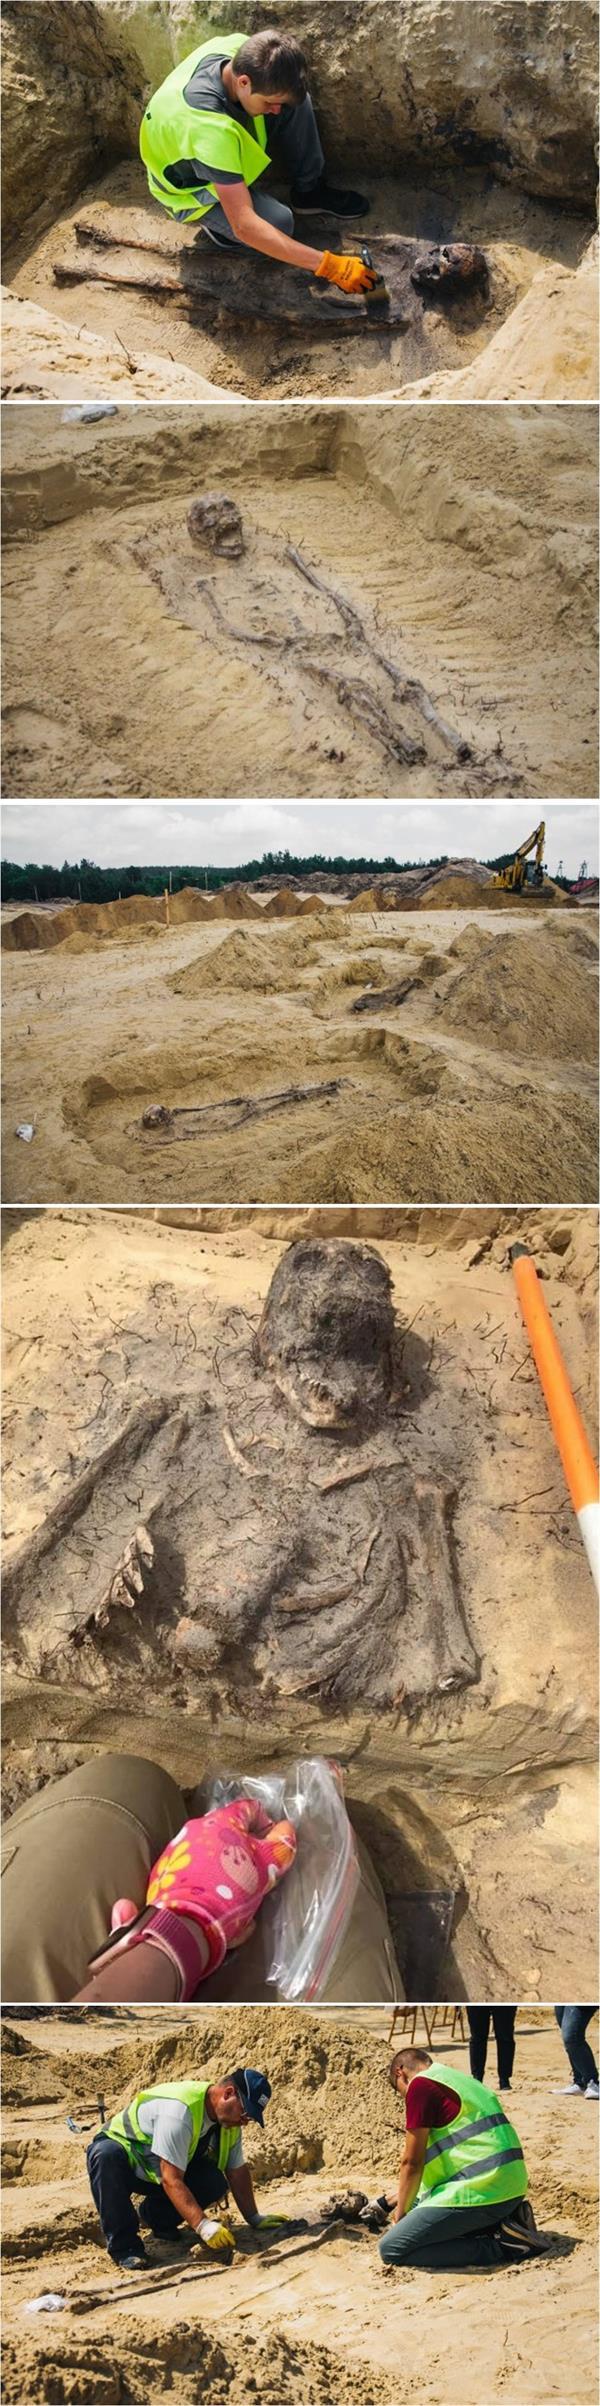 اكتشاف مقبرة جماعية للأطفال حيّرت العلماء في بولندا